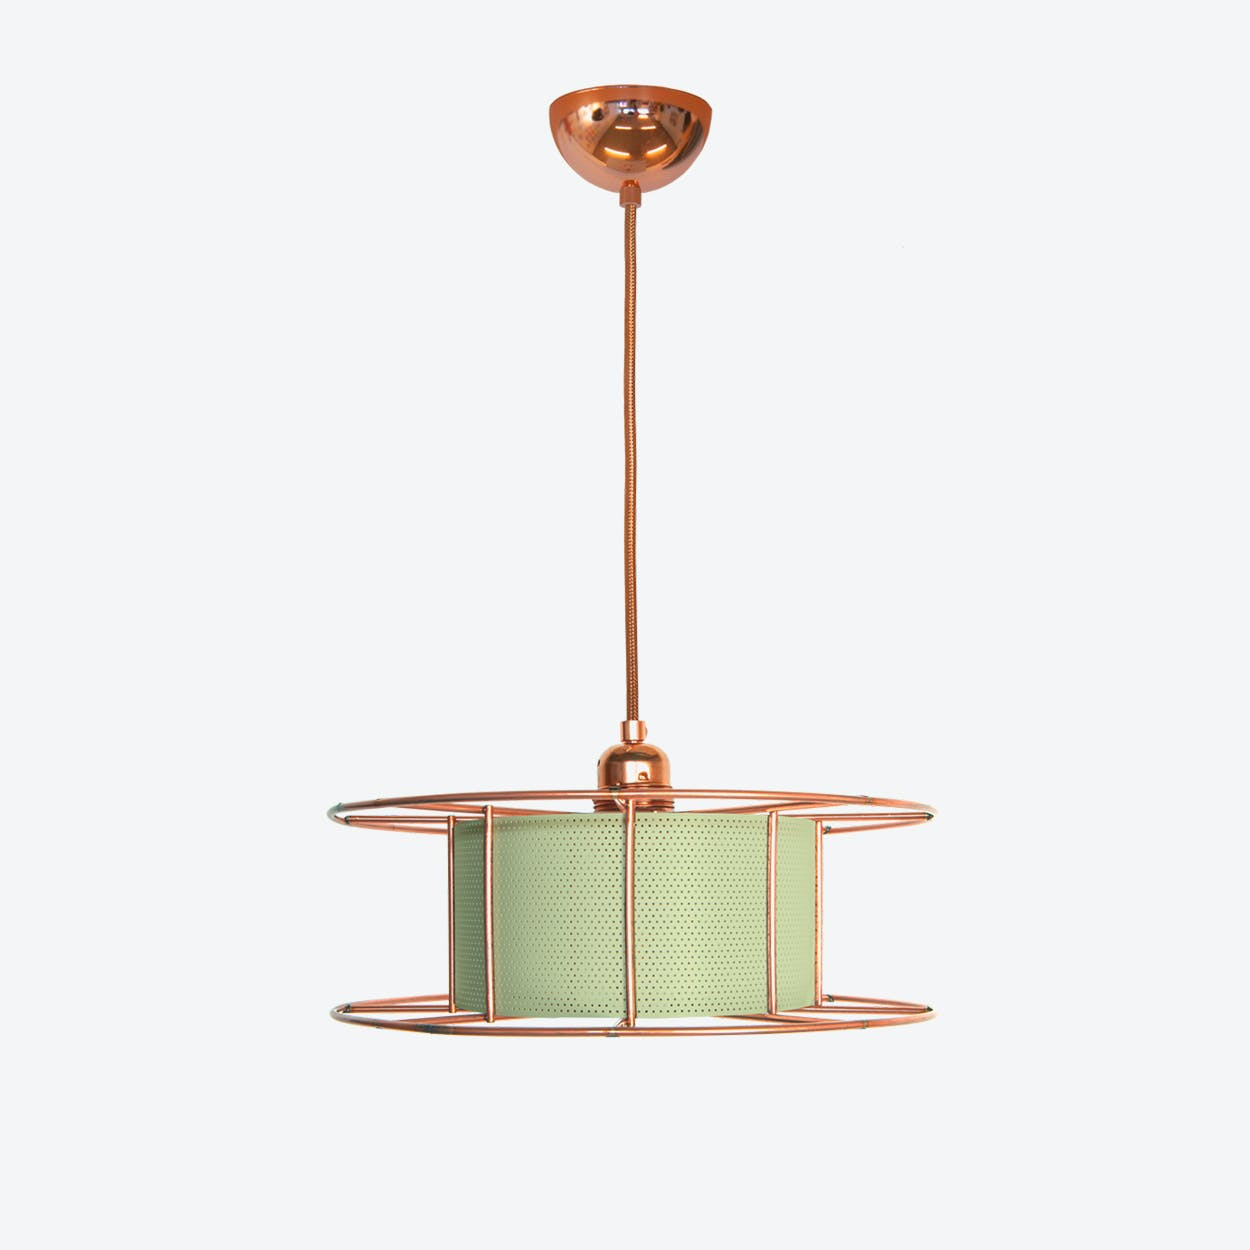 Spool Basic Pendant Light in Green